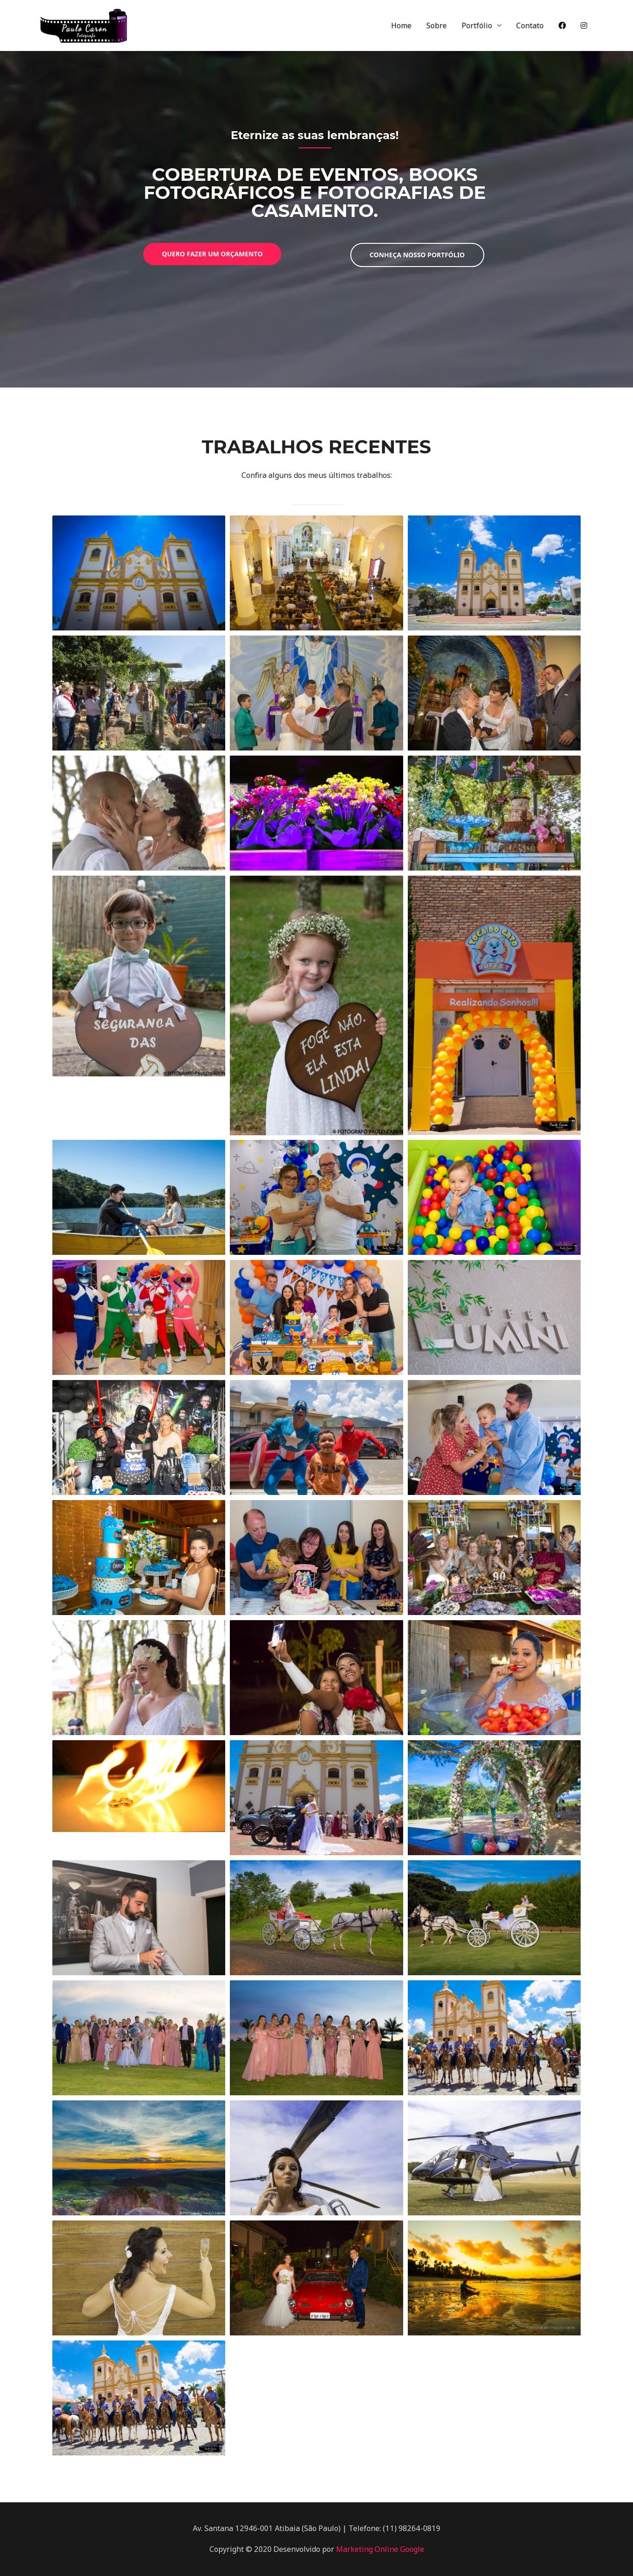 Cobertura De Eventos, Books Fotográficos E Fotografias De Casamento.